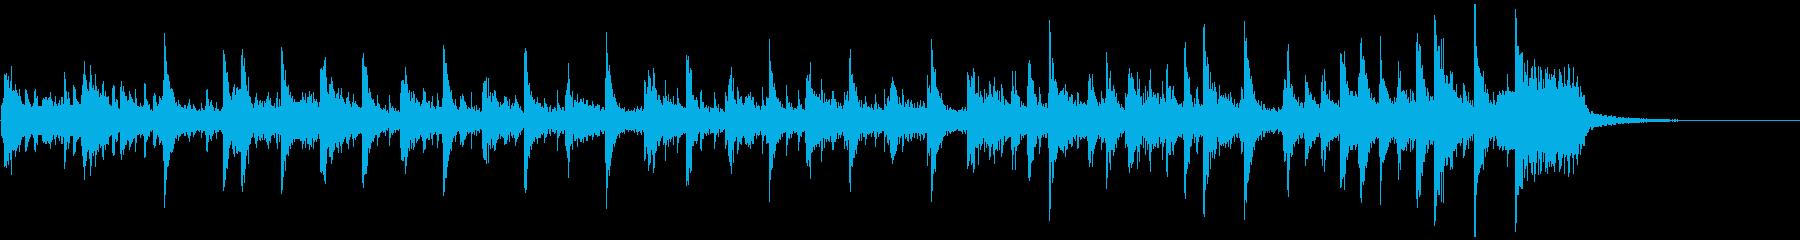 ショートサーカステーマ:フルミックスの再生済みの波形